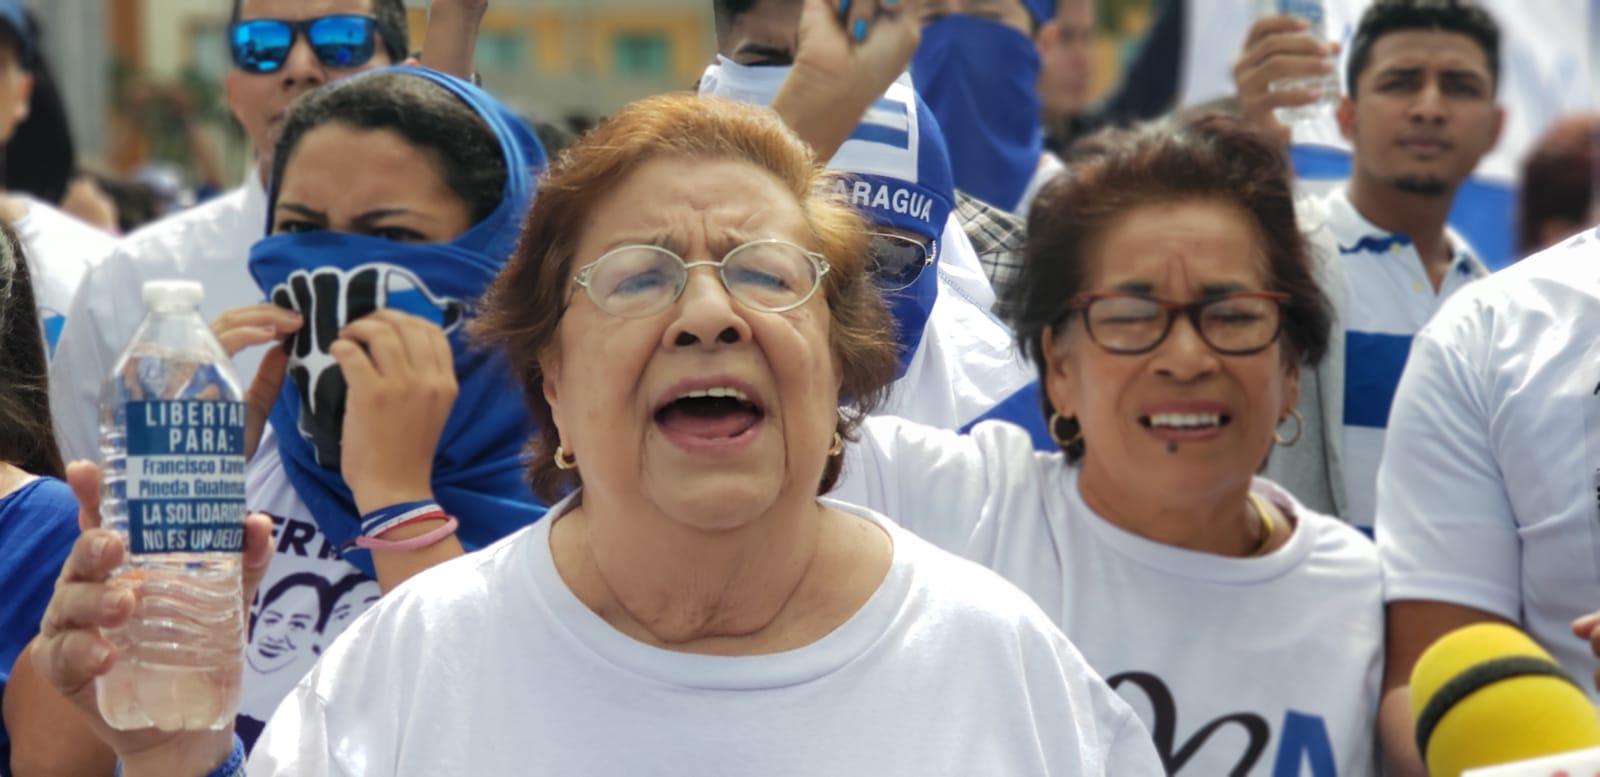 Defensores de derechos humanos protestan contra el régimen de Daniel Ortega. Foto: G. Shiffman / Artículo 66